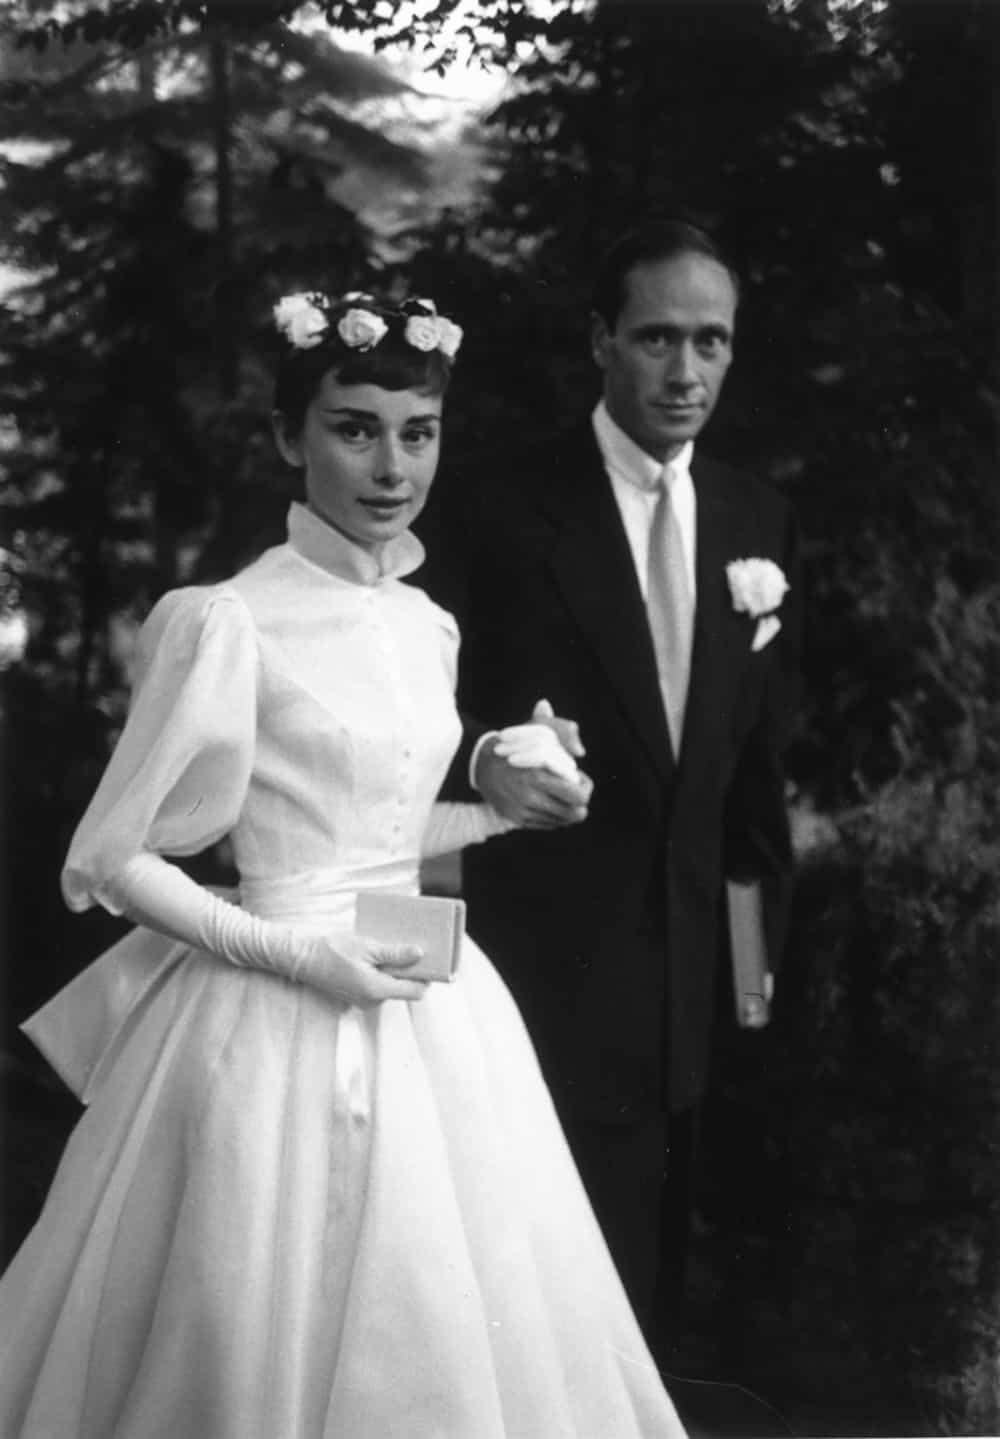 Wedding of Audrey Hepburn.